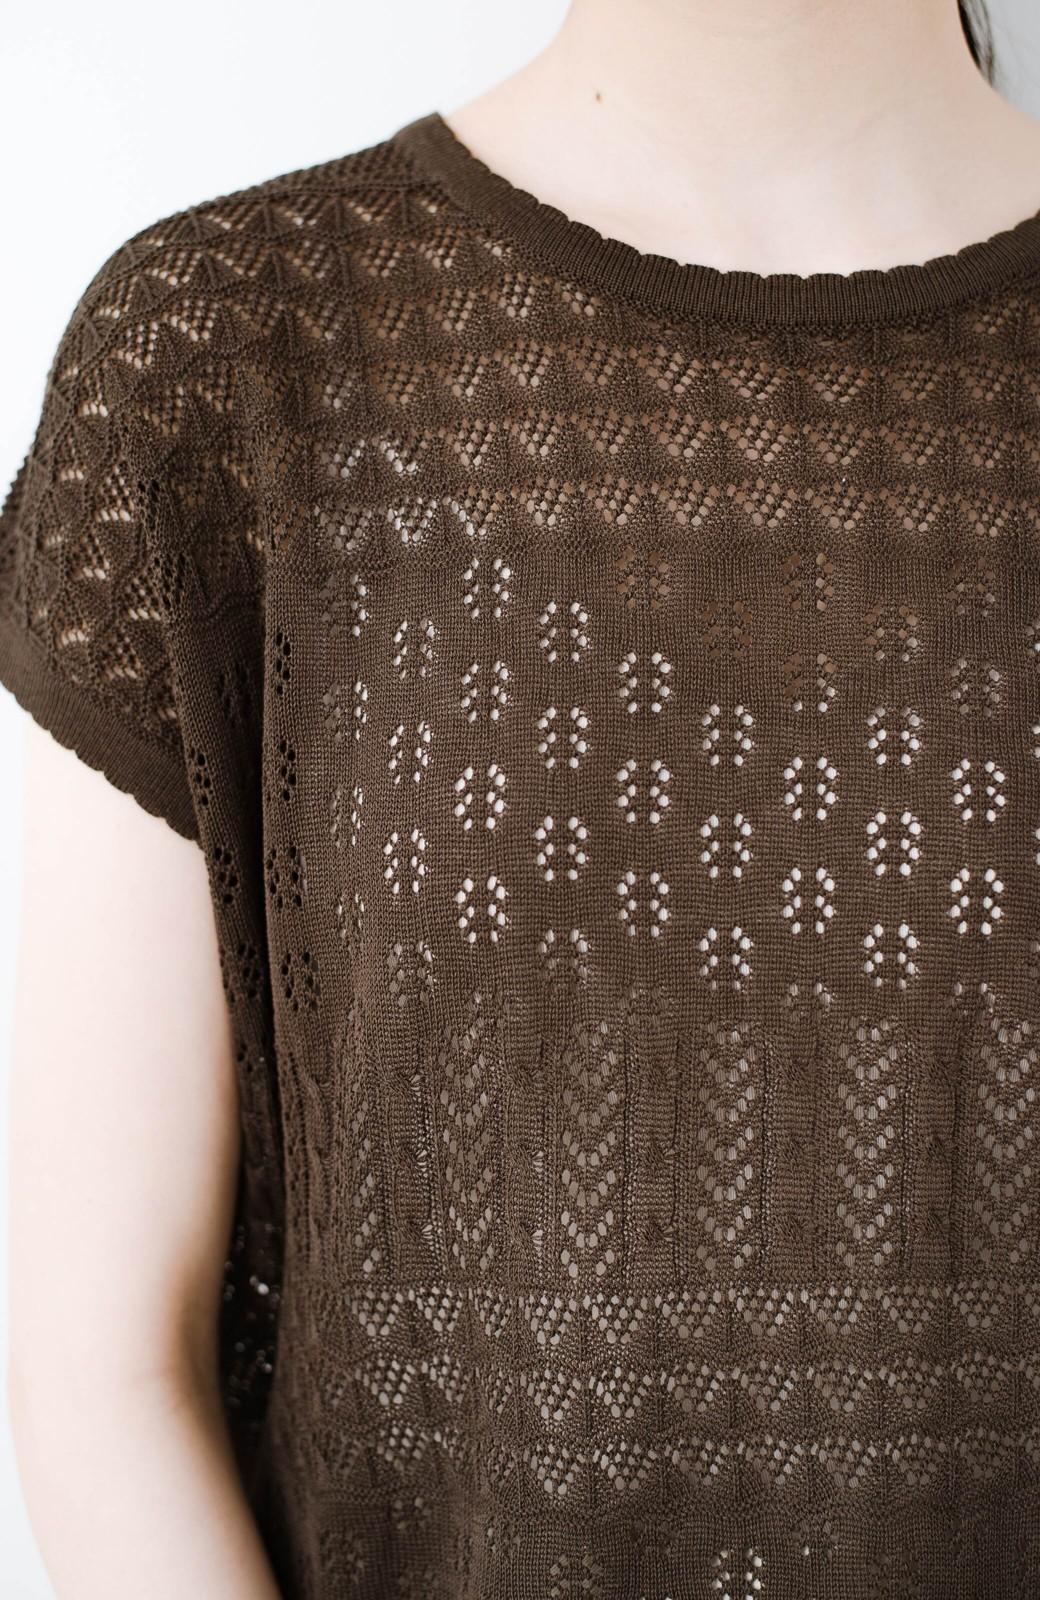 haco! 1枚でも重ね着にも便利なヘビロテしたくなる透かし編みニットトップス <チョコ>の商品写真4